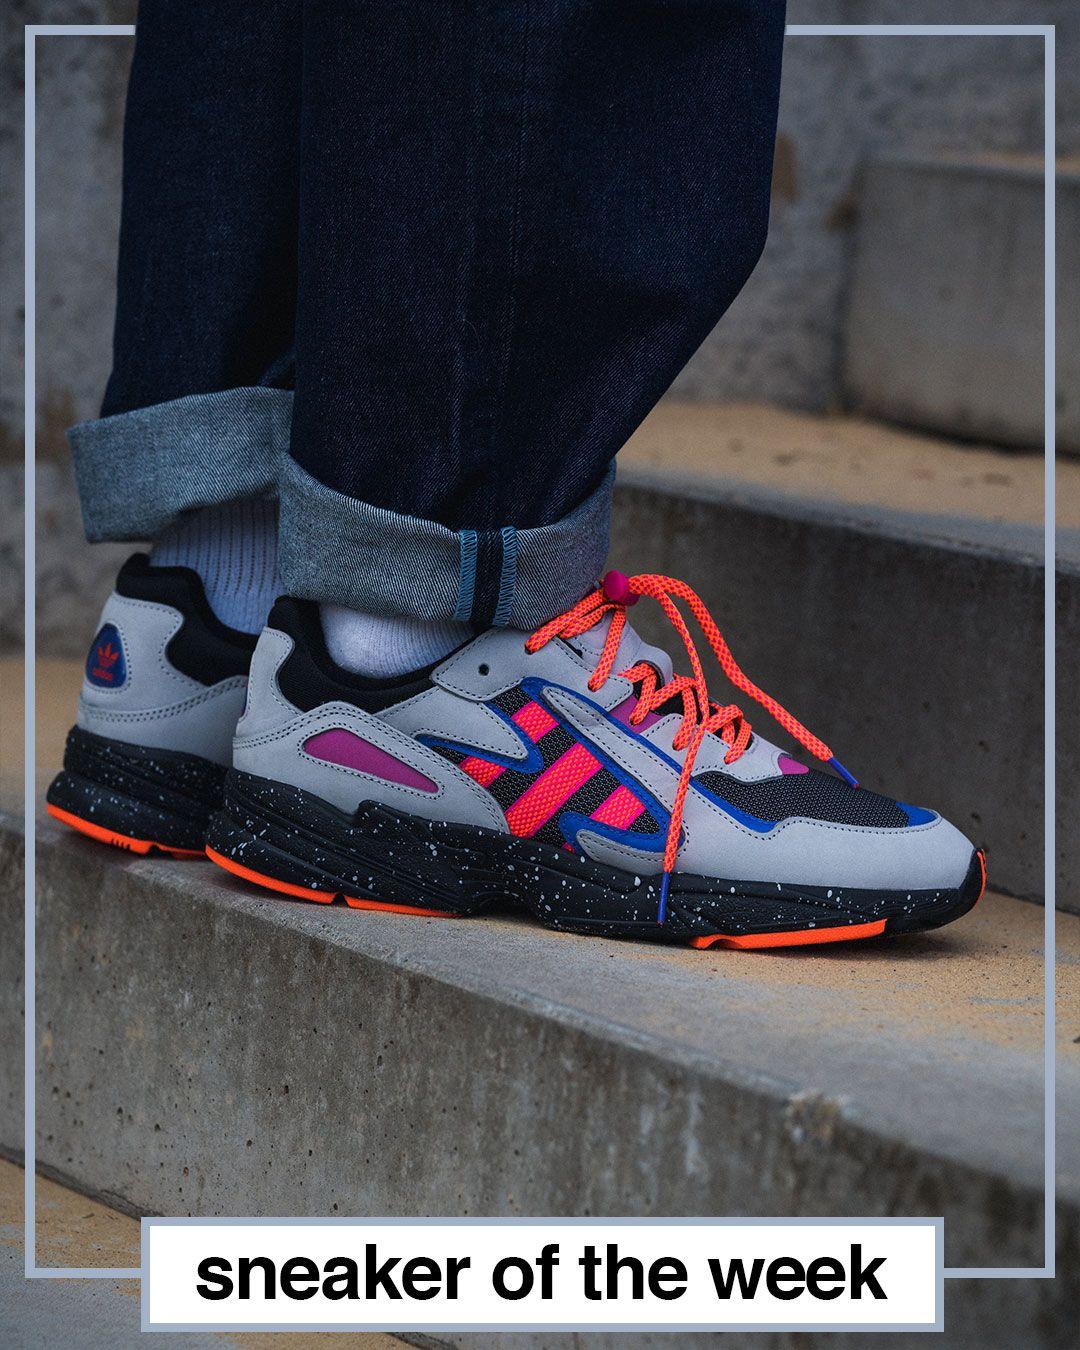 Sneaker of the week, Sneaker der Woche, bunte adidas Sneaker